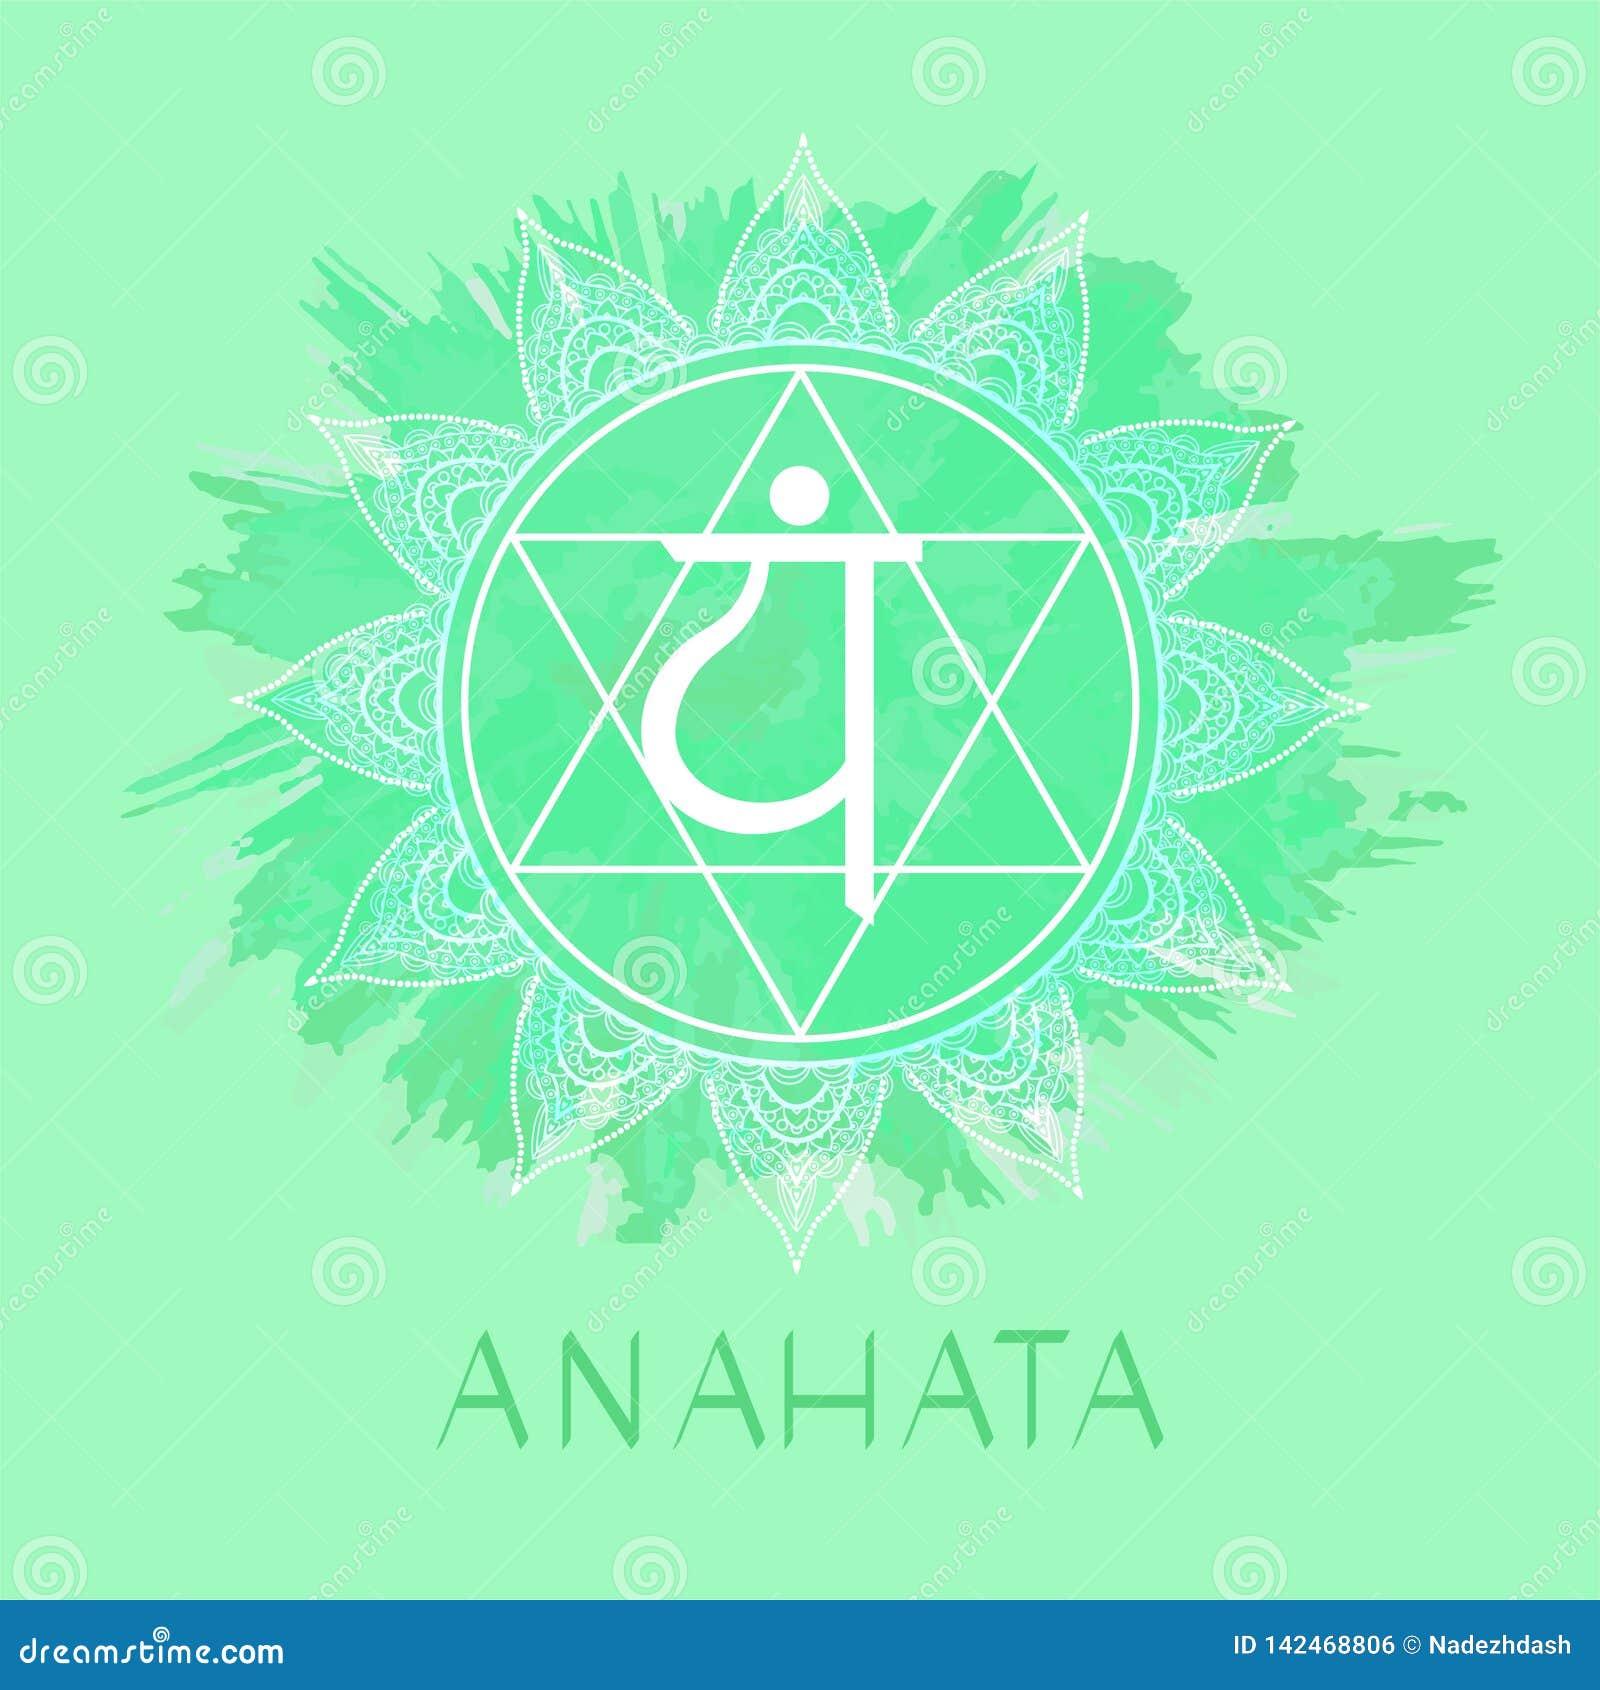 Vektorillustration mit Symbol Anahata - Herz chakra auf Aquarellhintergrund